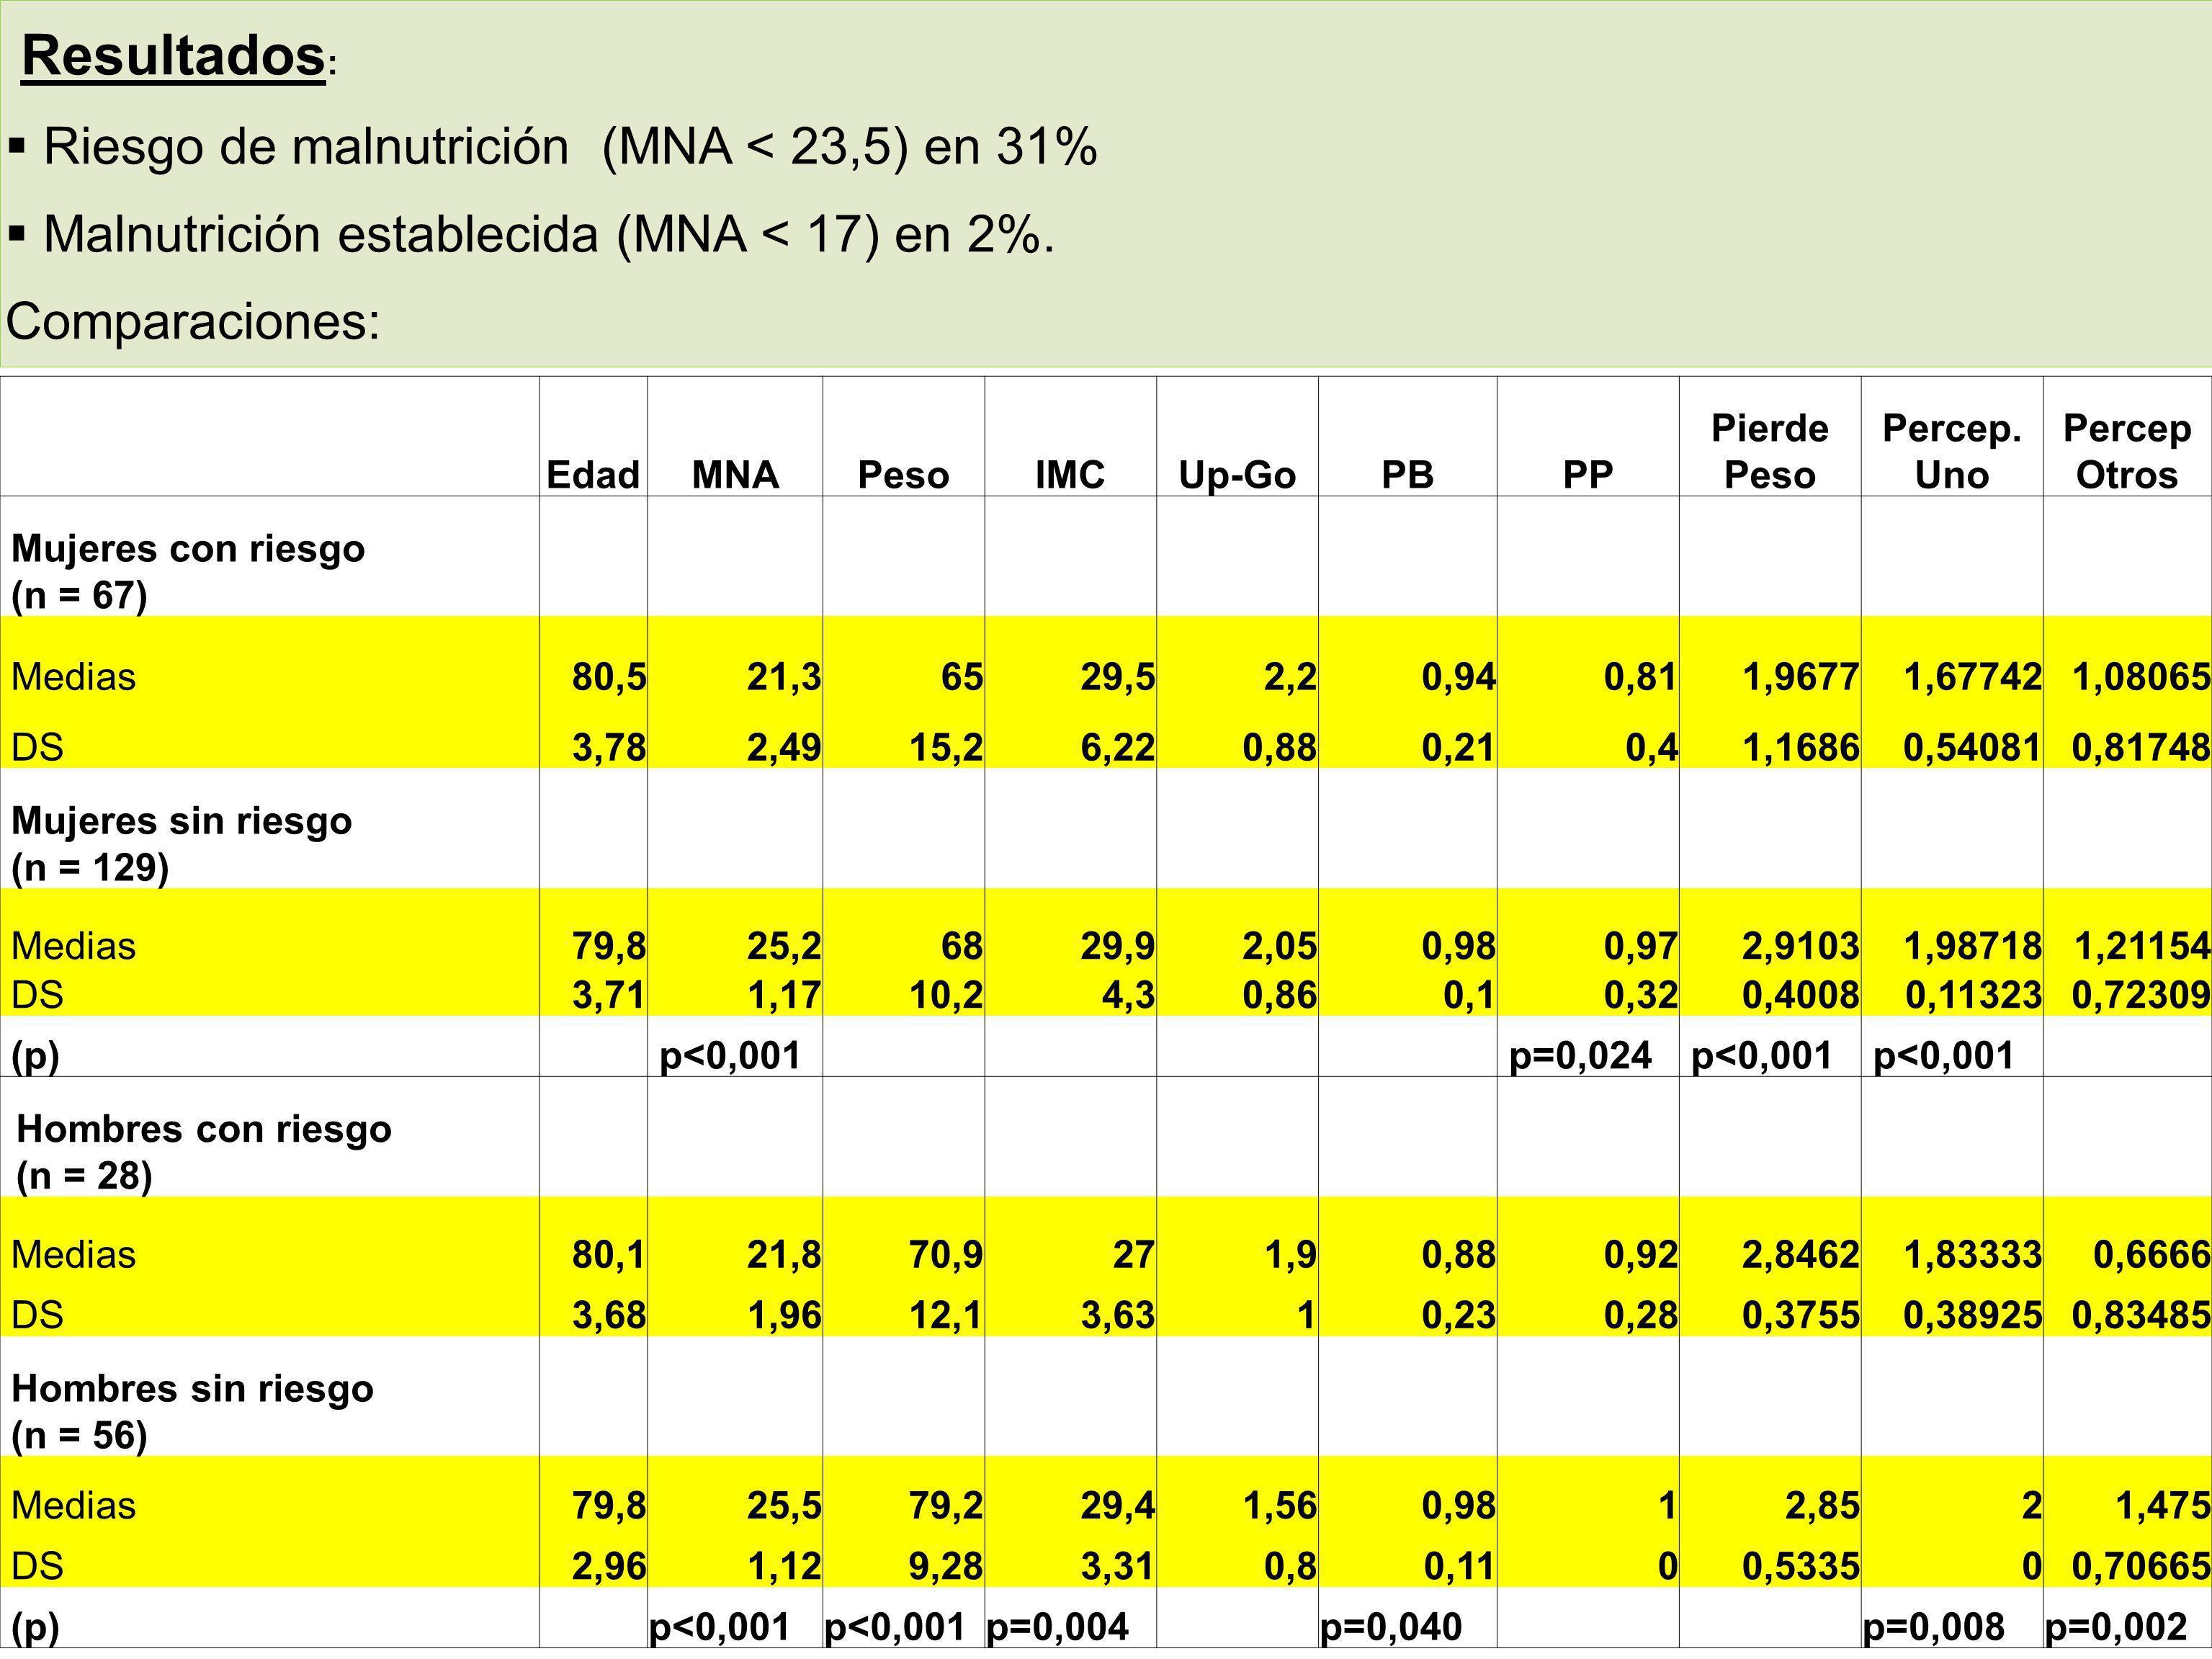 Resultados : Riesgo de malnutrición (MNA < 23,5) en 31% Malnutrición establecida (MNA < 17) en 2%. Comparaciones: EdadMNAPesoIMCUp-GoPBPP Pierde Peso